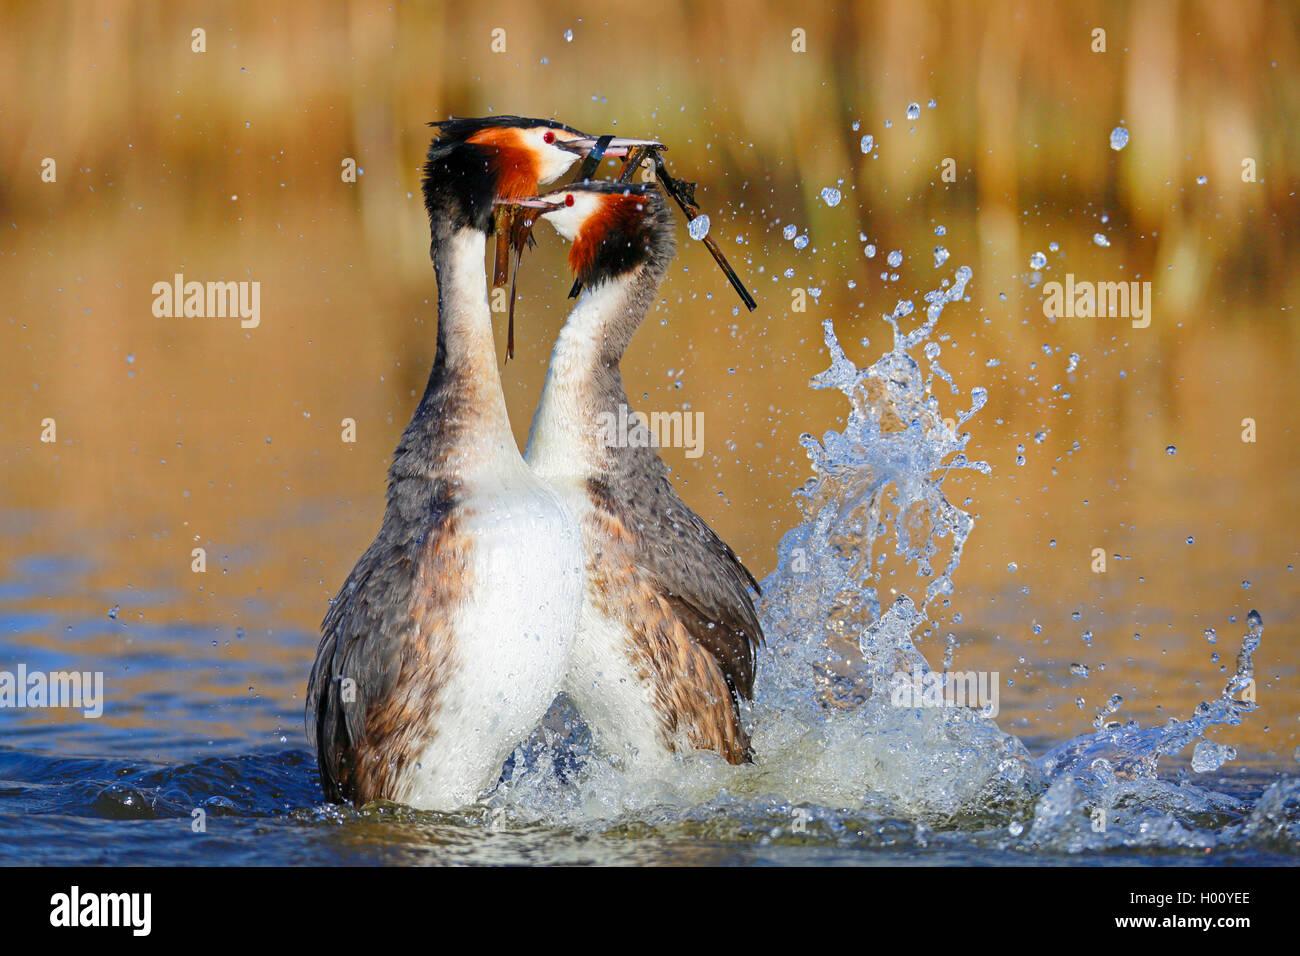 Haubentaucher, Hauben-Taucher (Podiceps cristatus), Paar balzt auf dem Wasser, Pinguintanz, Niederlande, Friesland   great crest Stock Photo